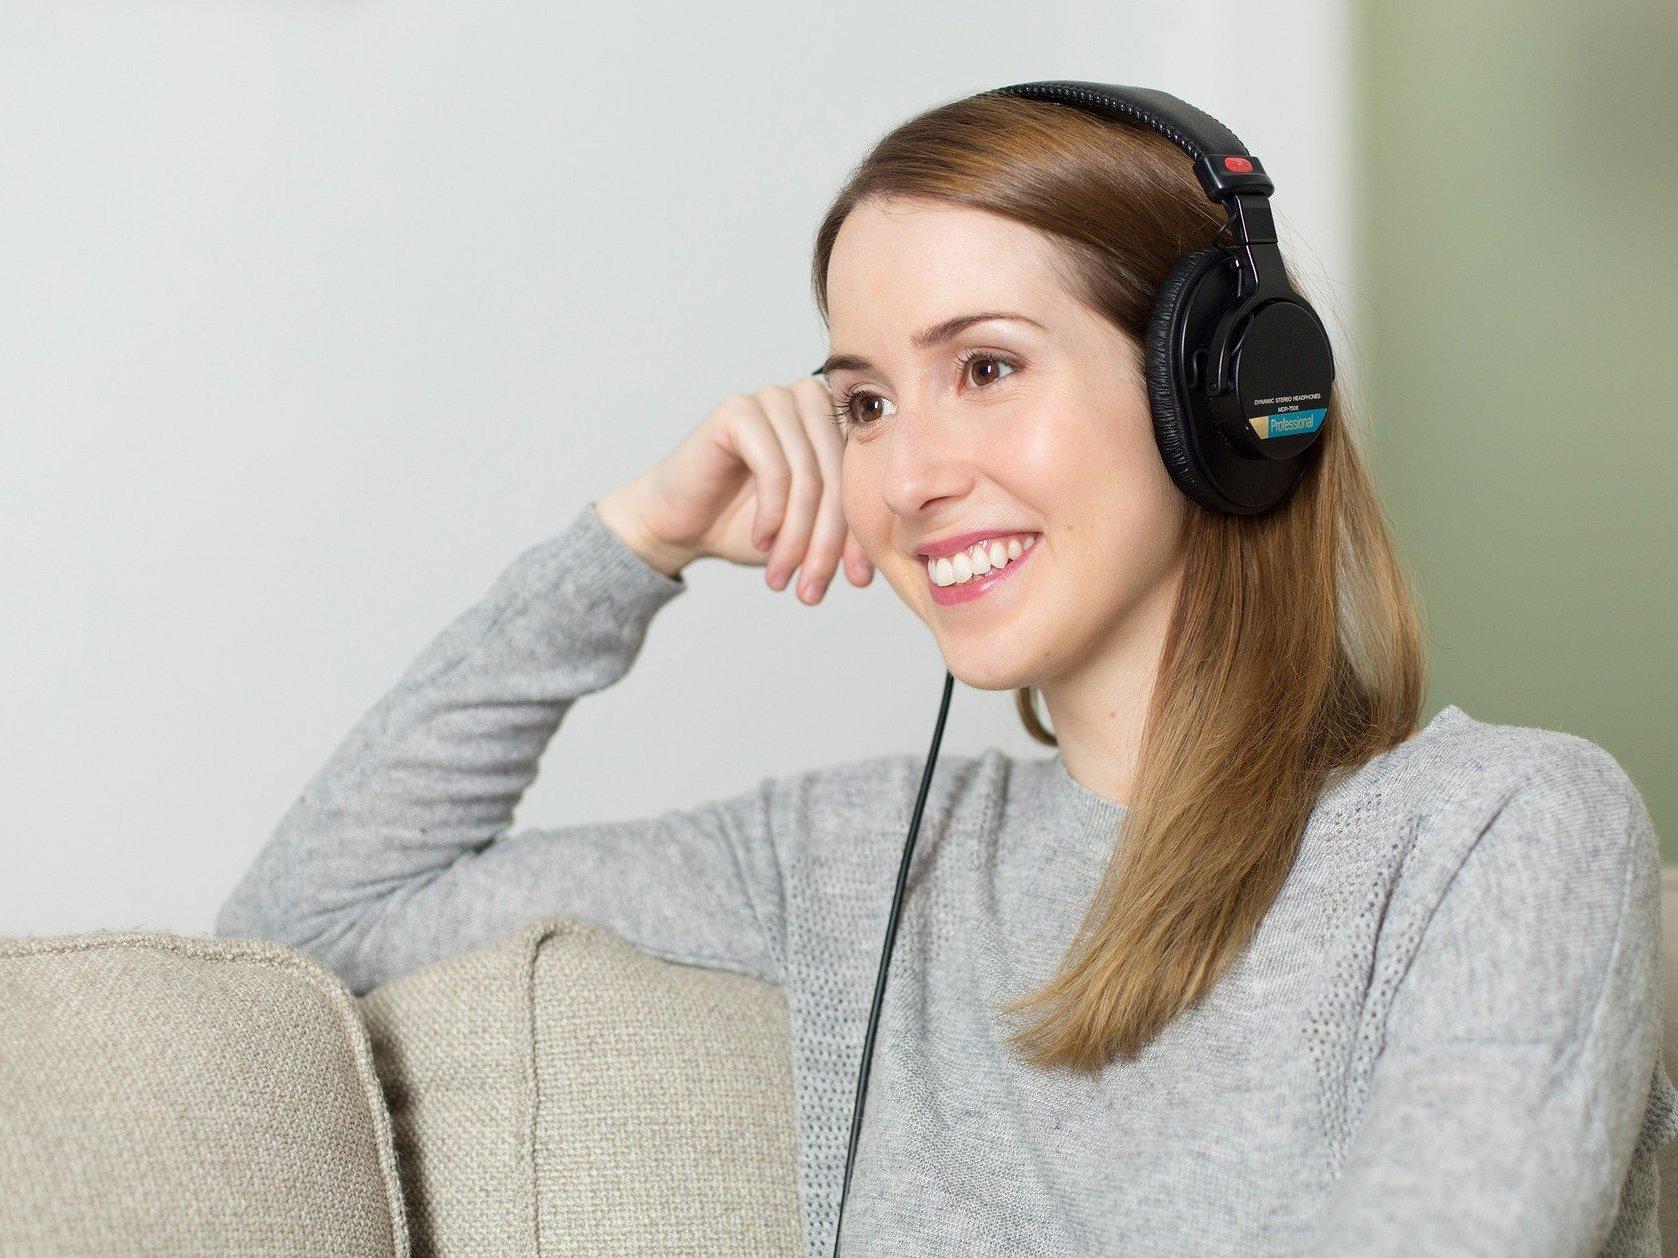 Soforthilfe für Allergiker: 20 Minuten Entspannungsaudio gratis!